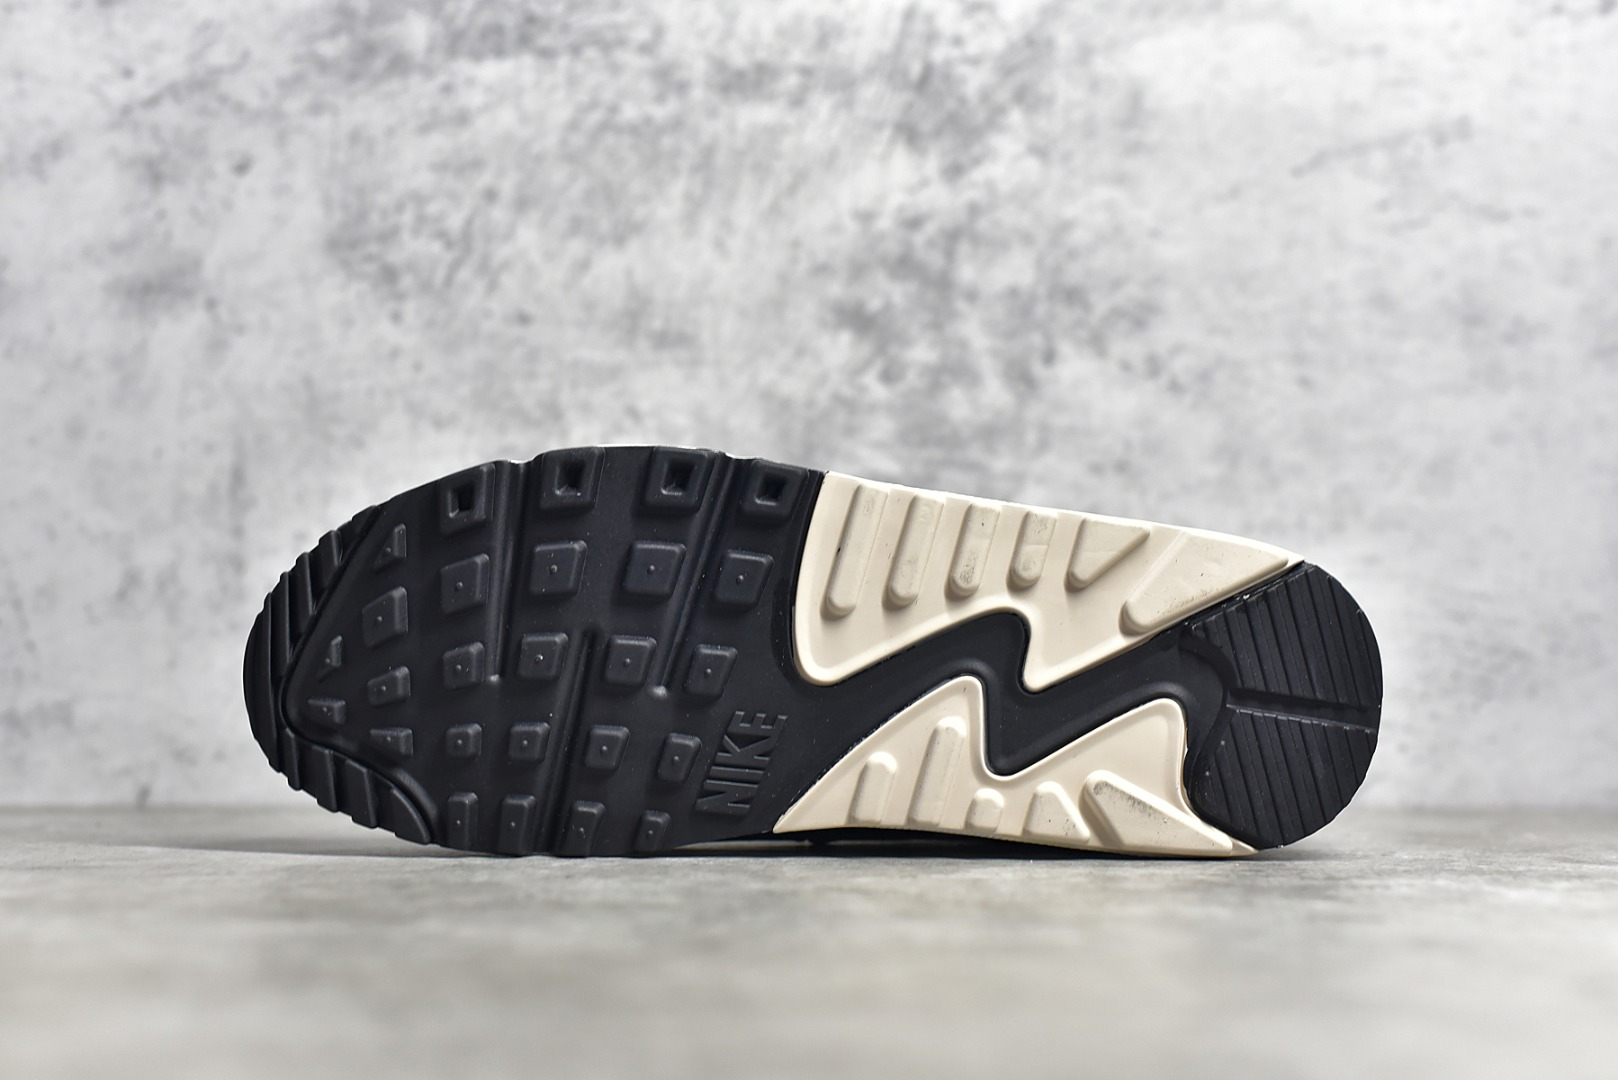 耐克MAX90黑金配色跑鞋 NIKE Air Max 90 气垫新配色耐克秋冬款 货号:DB9578-001-潮流者之家